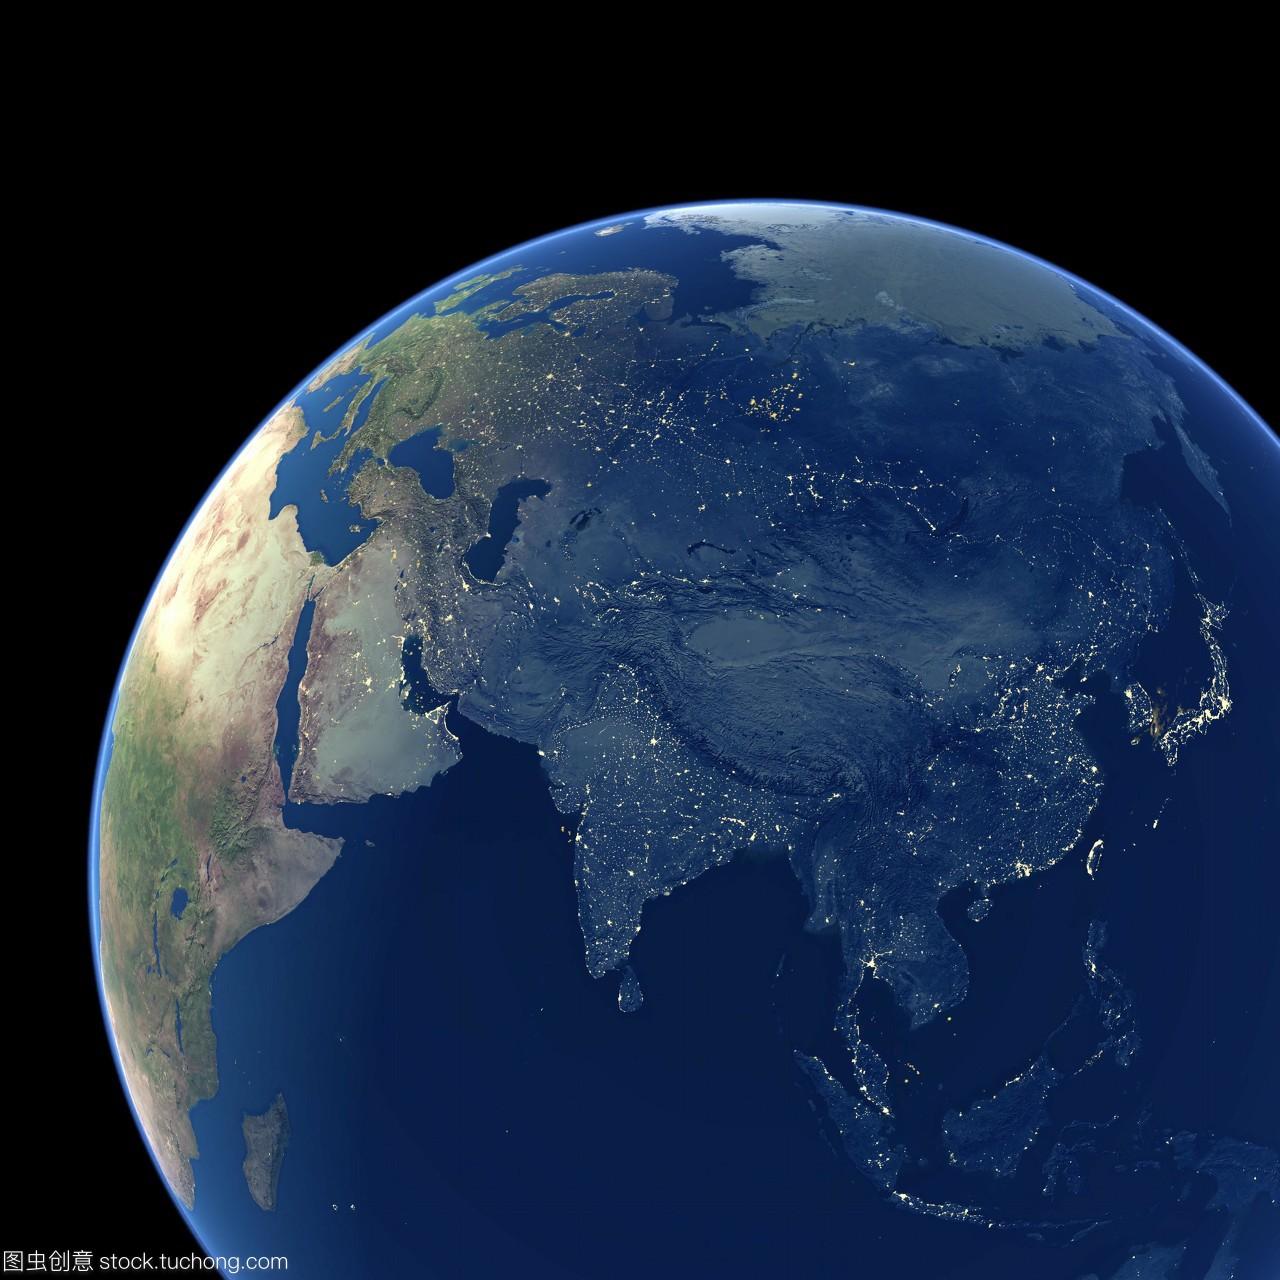 亚洲的夜晚城市的灯光黄色卫星图像显示区域的